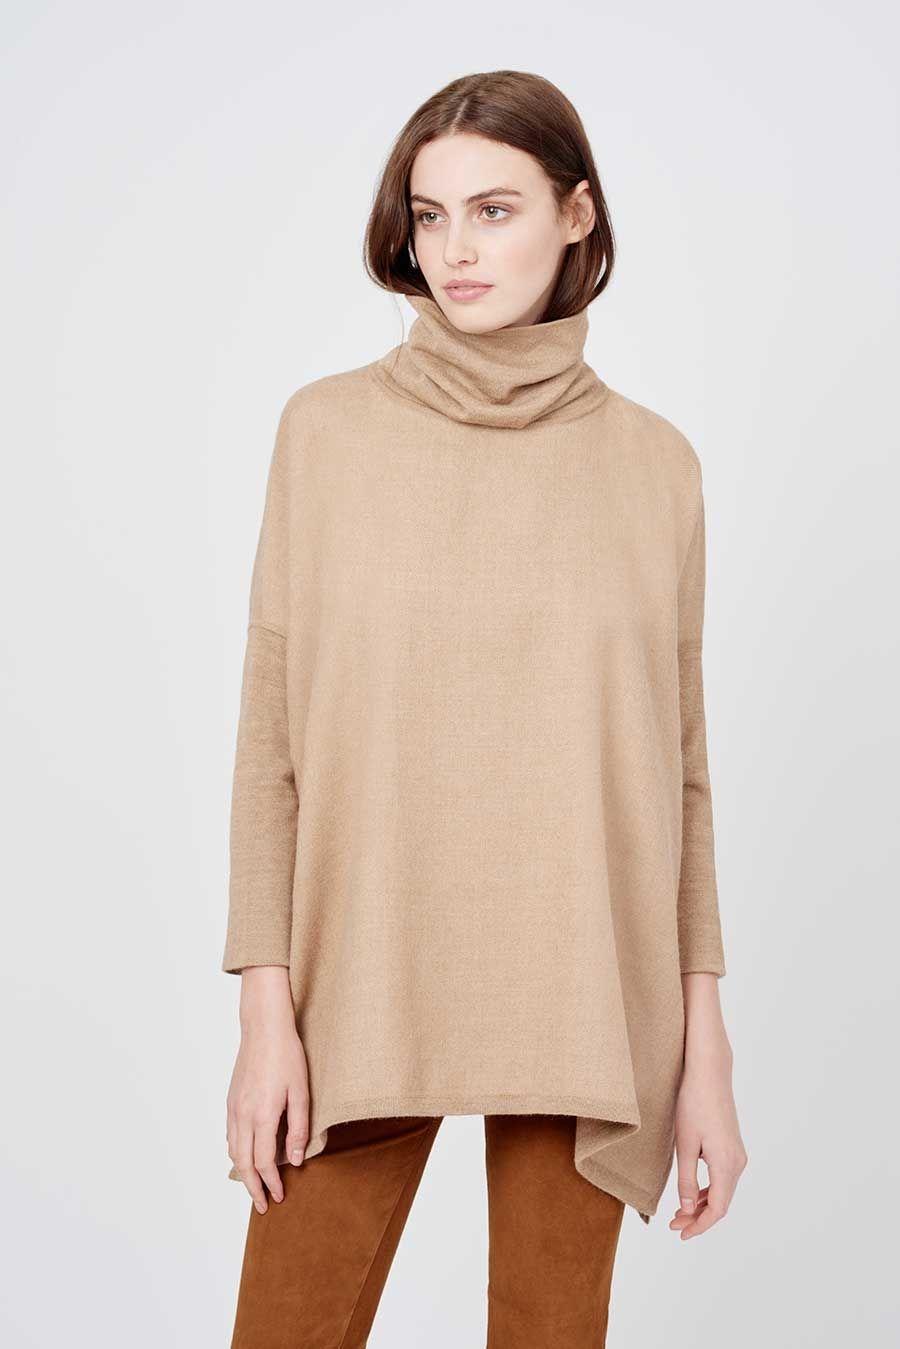 9a993d2eb Cuyana Baby Alpaca Oversized Turtleneck Sweater